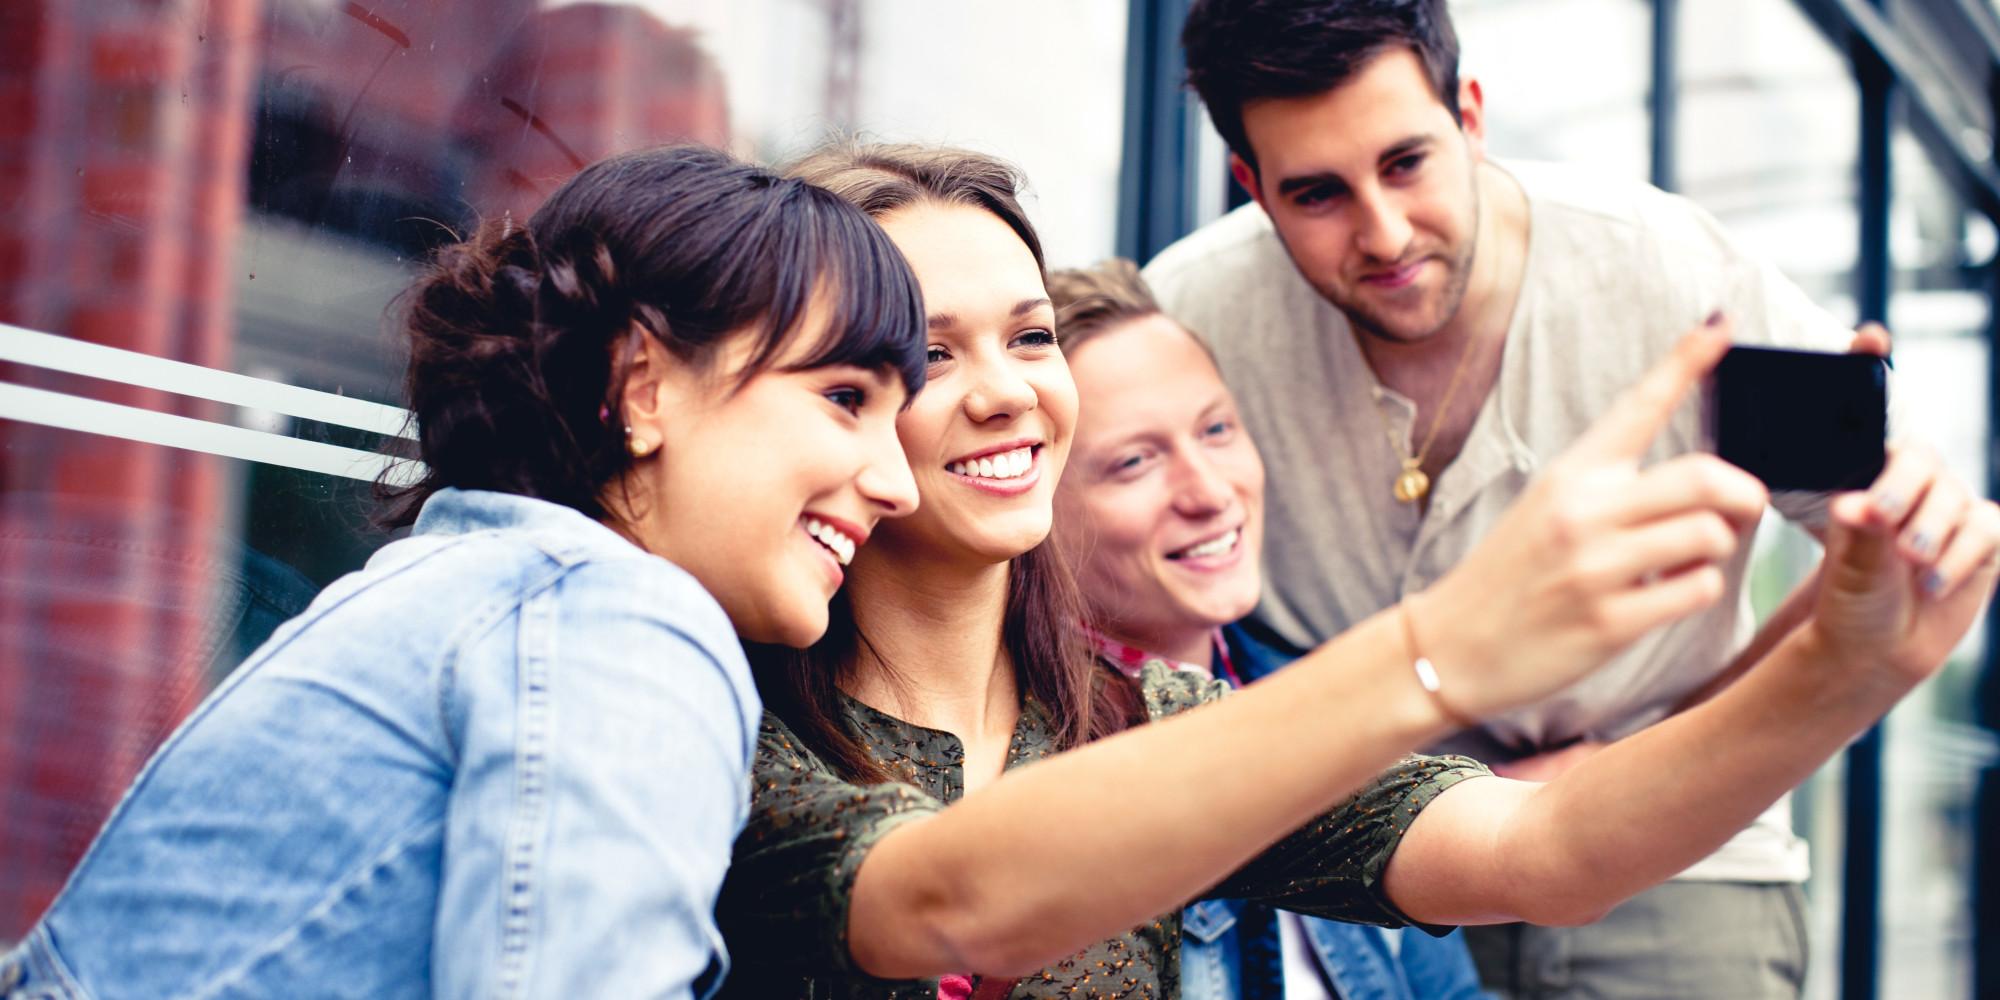 Los millenials tienen gusto por trabajar en empresas de tecnología. Foto: Hoffington Post